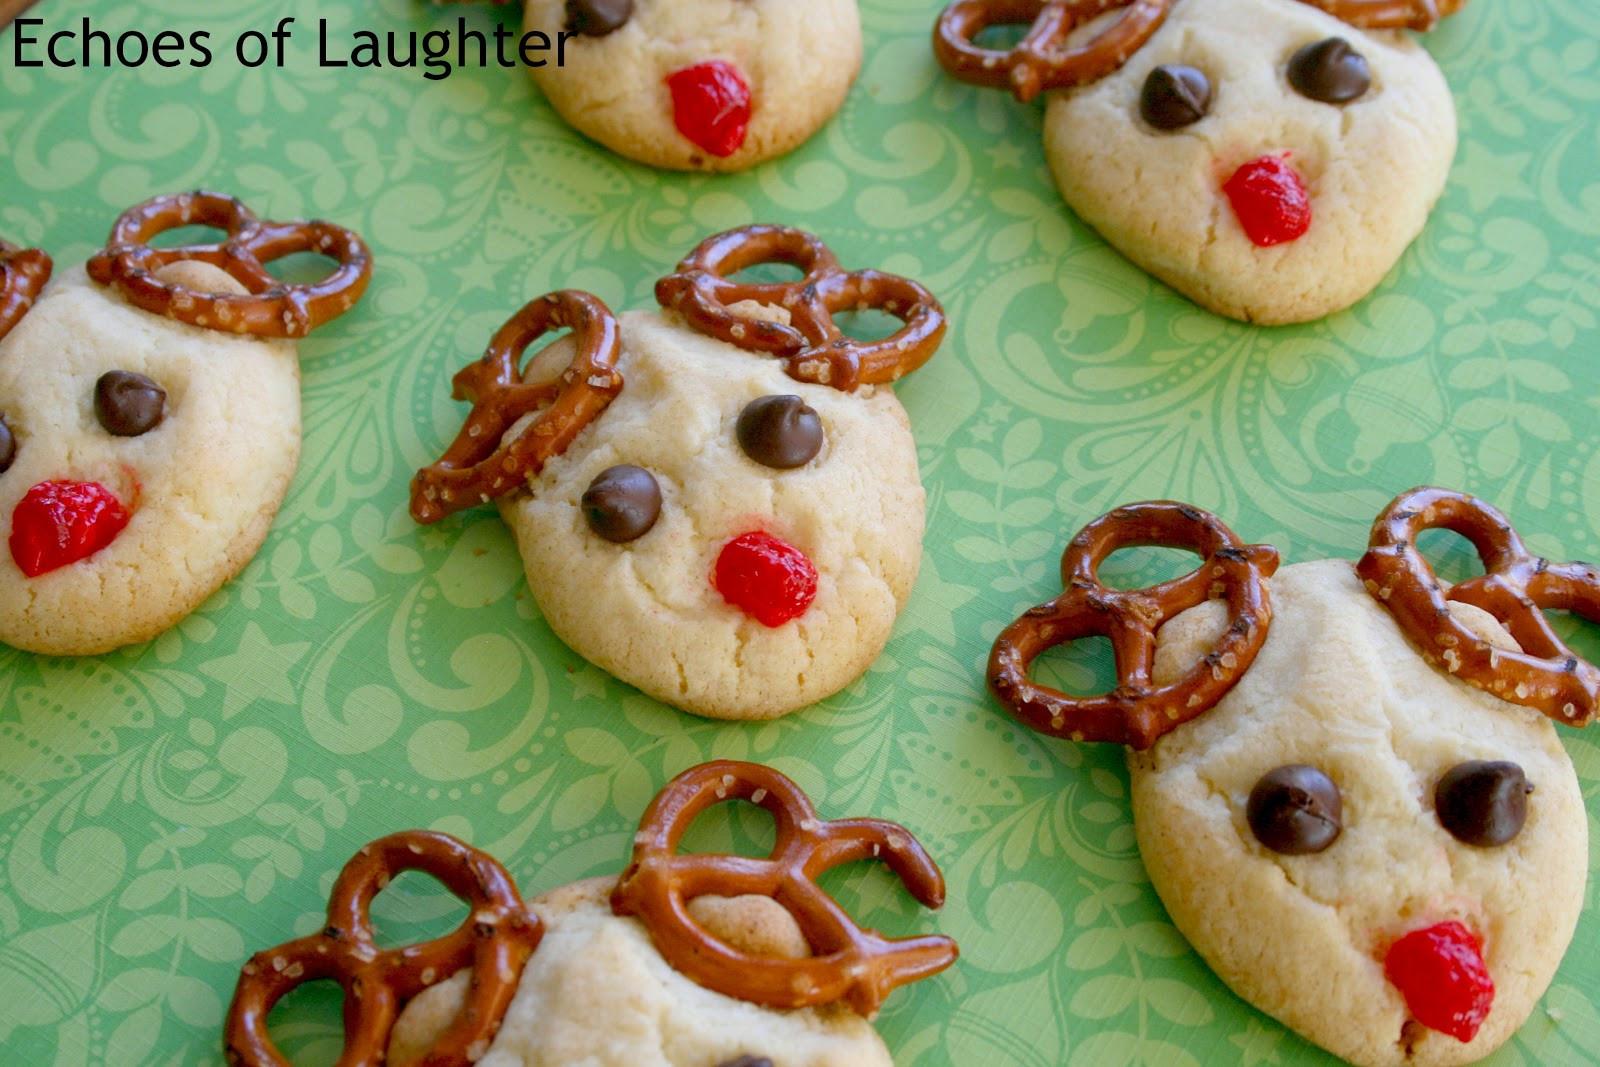 Christmas Reindeer Cookies  13 Easy Christmas Cookies Echoes of Laughter